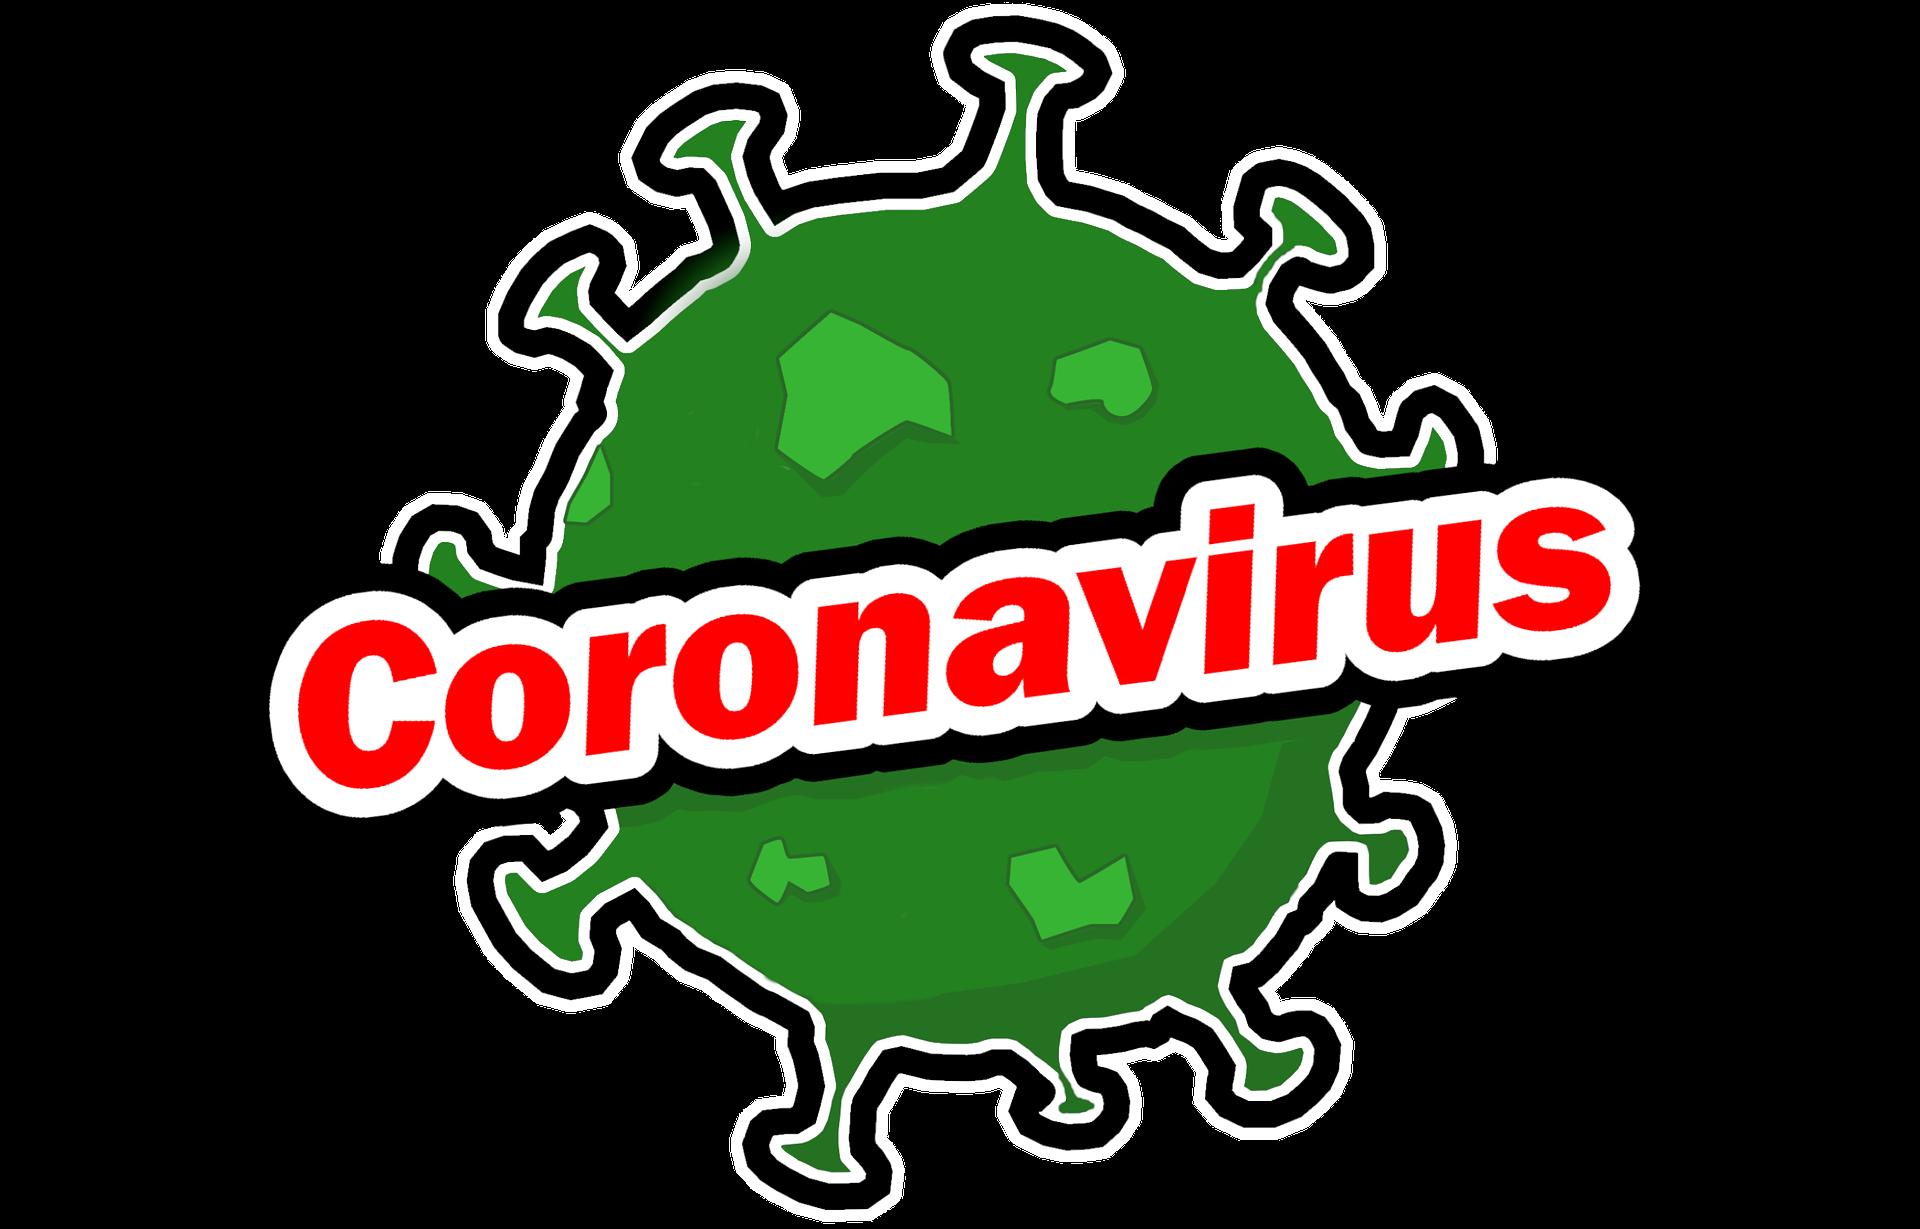 coronavirus-4841637_1920.png